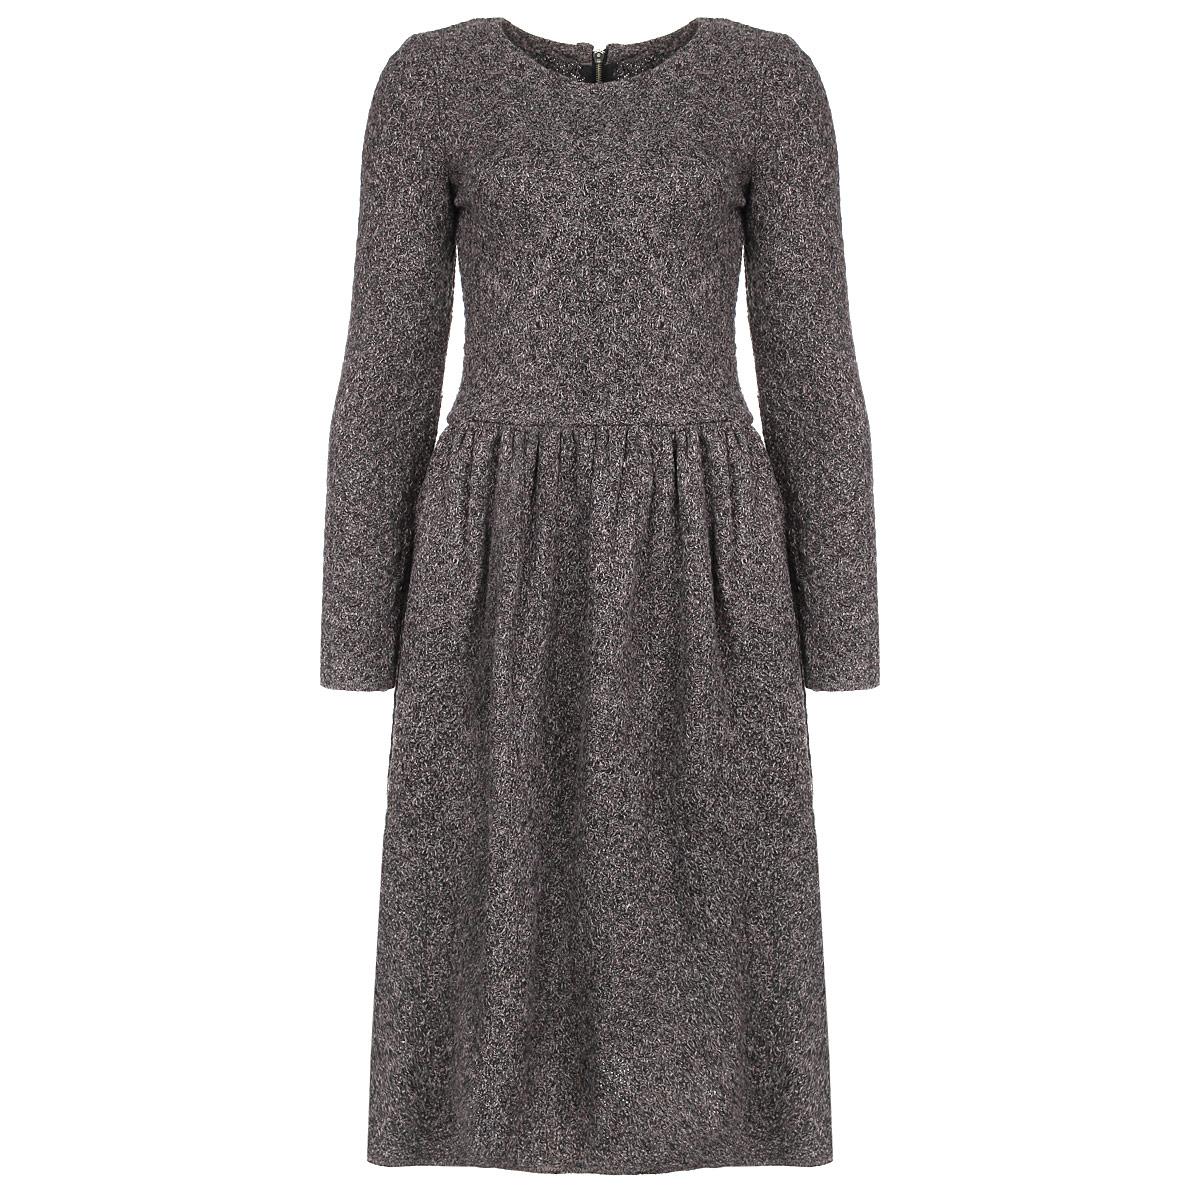 Платье Milana Style, цвет: серый. 904. Размер 56904Стильное вязаное платье Milana Style изготовлено из высококачественной шерсти. Такое платье обеспечит вам комфорт и удобство при носке.Платье с длинными рукавами и с круглым вырезом горловины застегивается по спинке на металлическую застежку-молнию. От линии талии заложены складочки. Фактурная вязка придает изделию оригинальность. По бокам предусмотрены два втачных кармана, украшенных вставками из искусственной кожи. Приталенный силуэт великолепно подчеркнет достоинства фигуры. Это модное и удобное платье станет превосходным дополнением к вашему гардеробу, оно подарит вам удобство и поможет вам подчеркнуть свой вкус и неповторимый стиль.